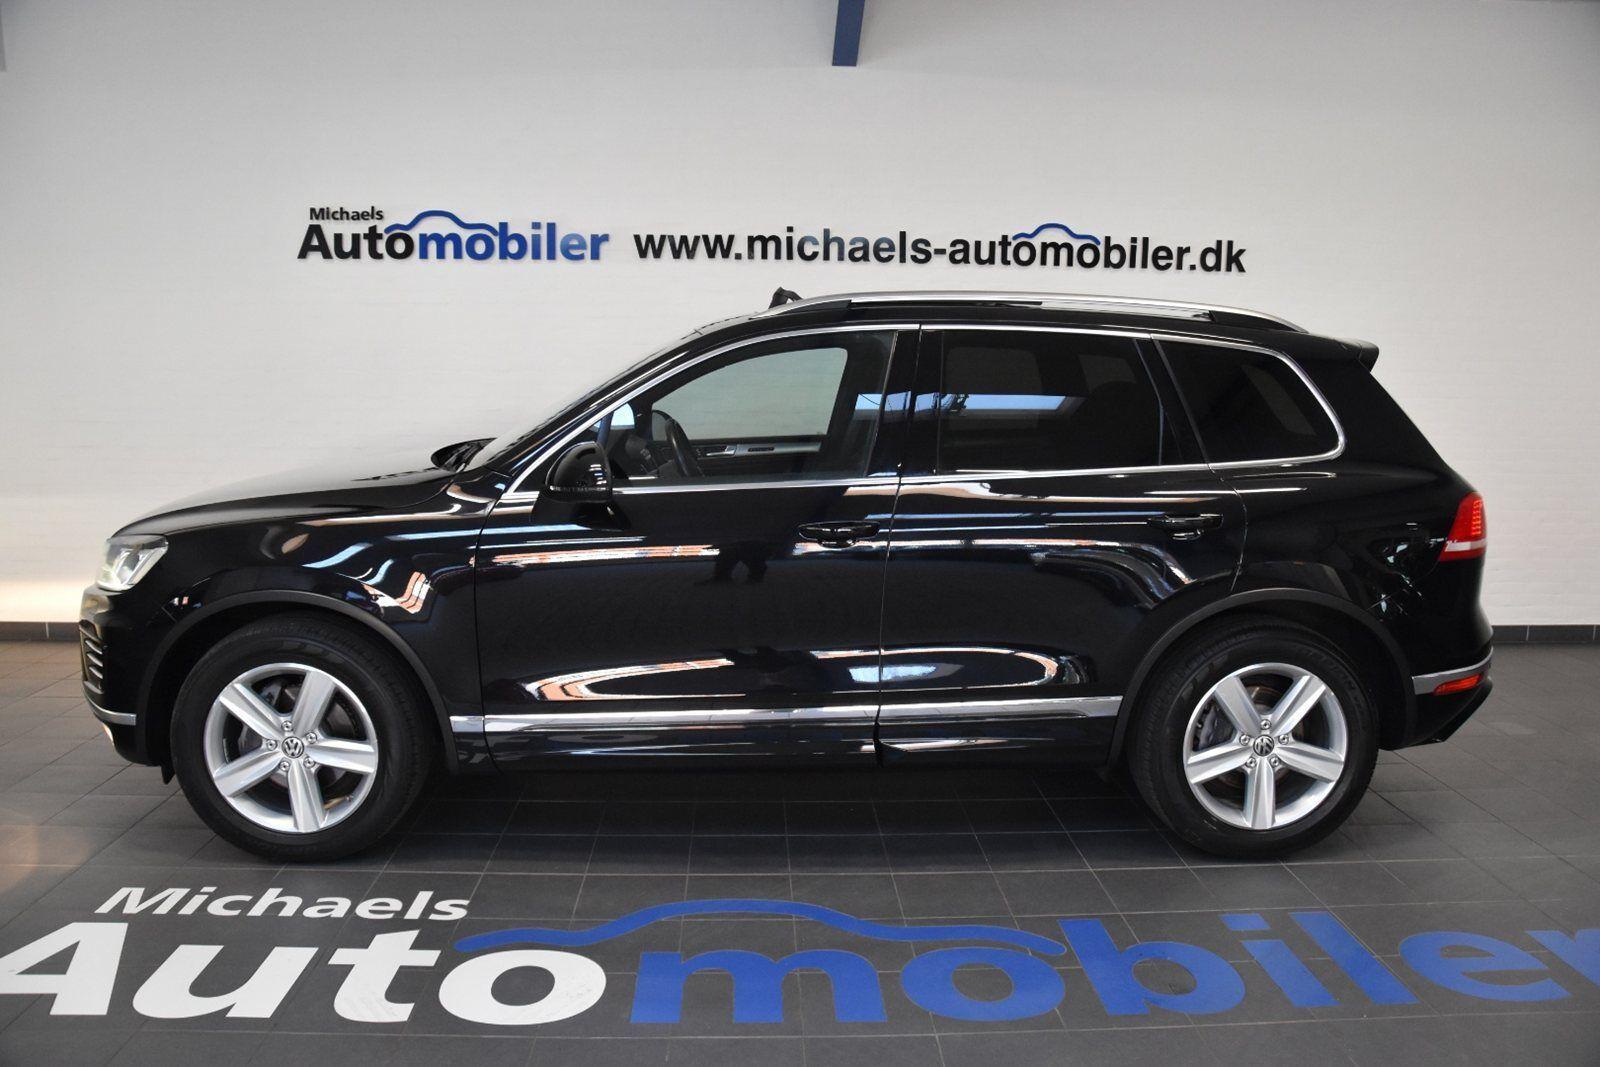 VW Touareg 3,0 V6 TDi 262 Tiptr. 4M 5d - 0 kr.